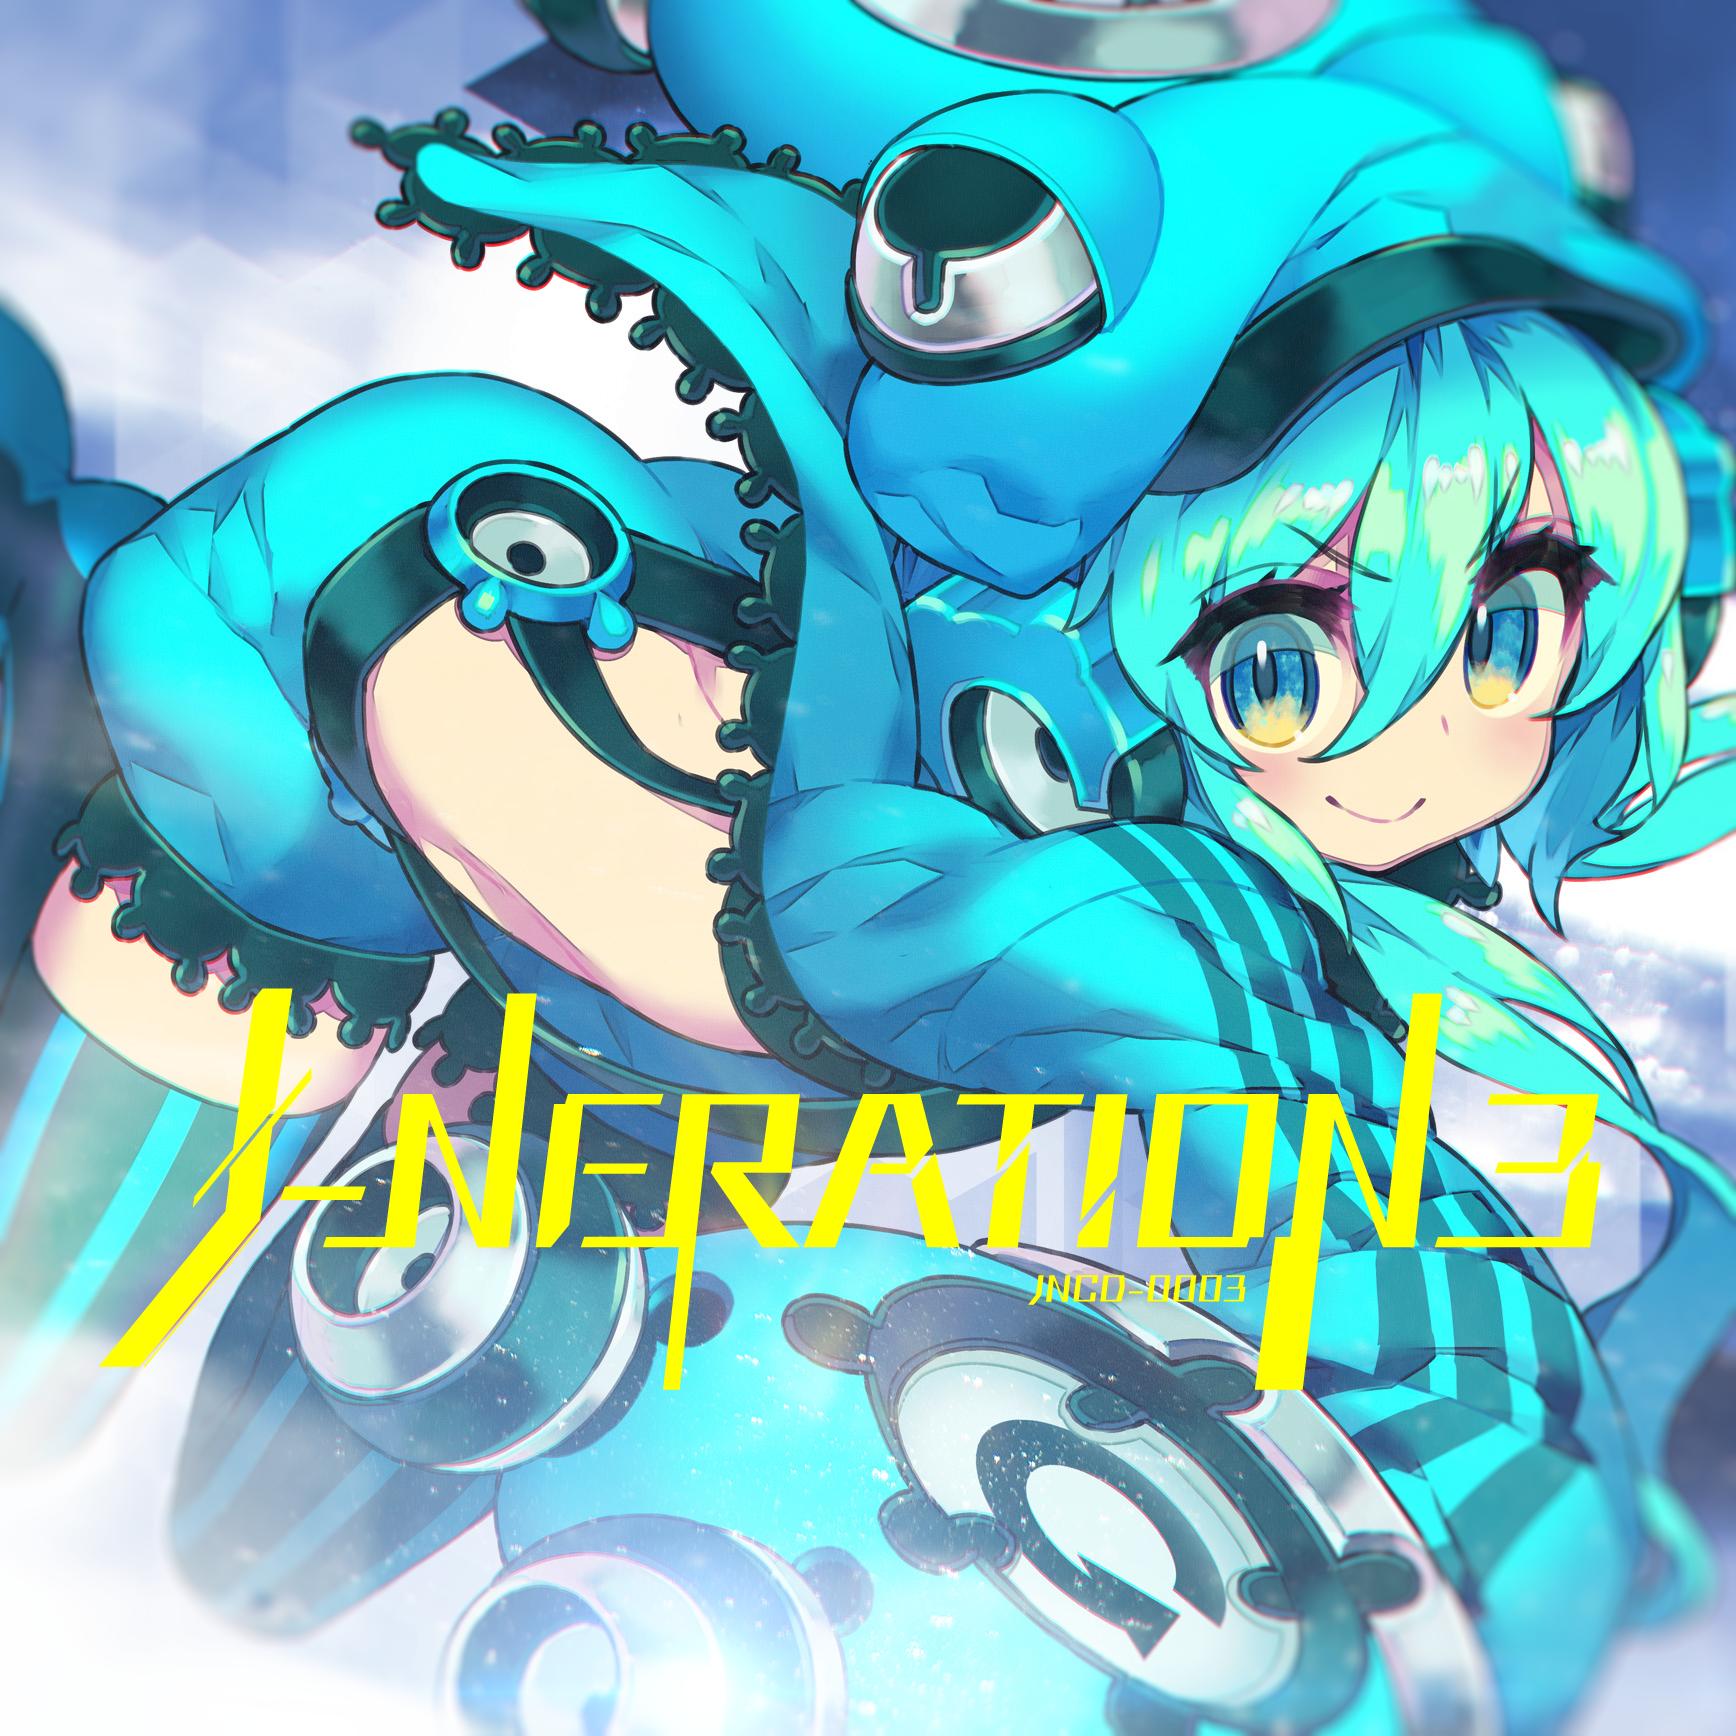 J-NERATION 3